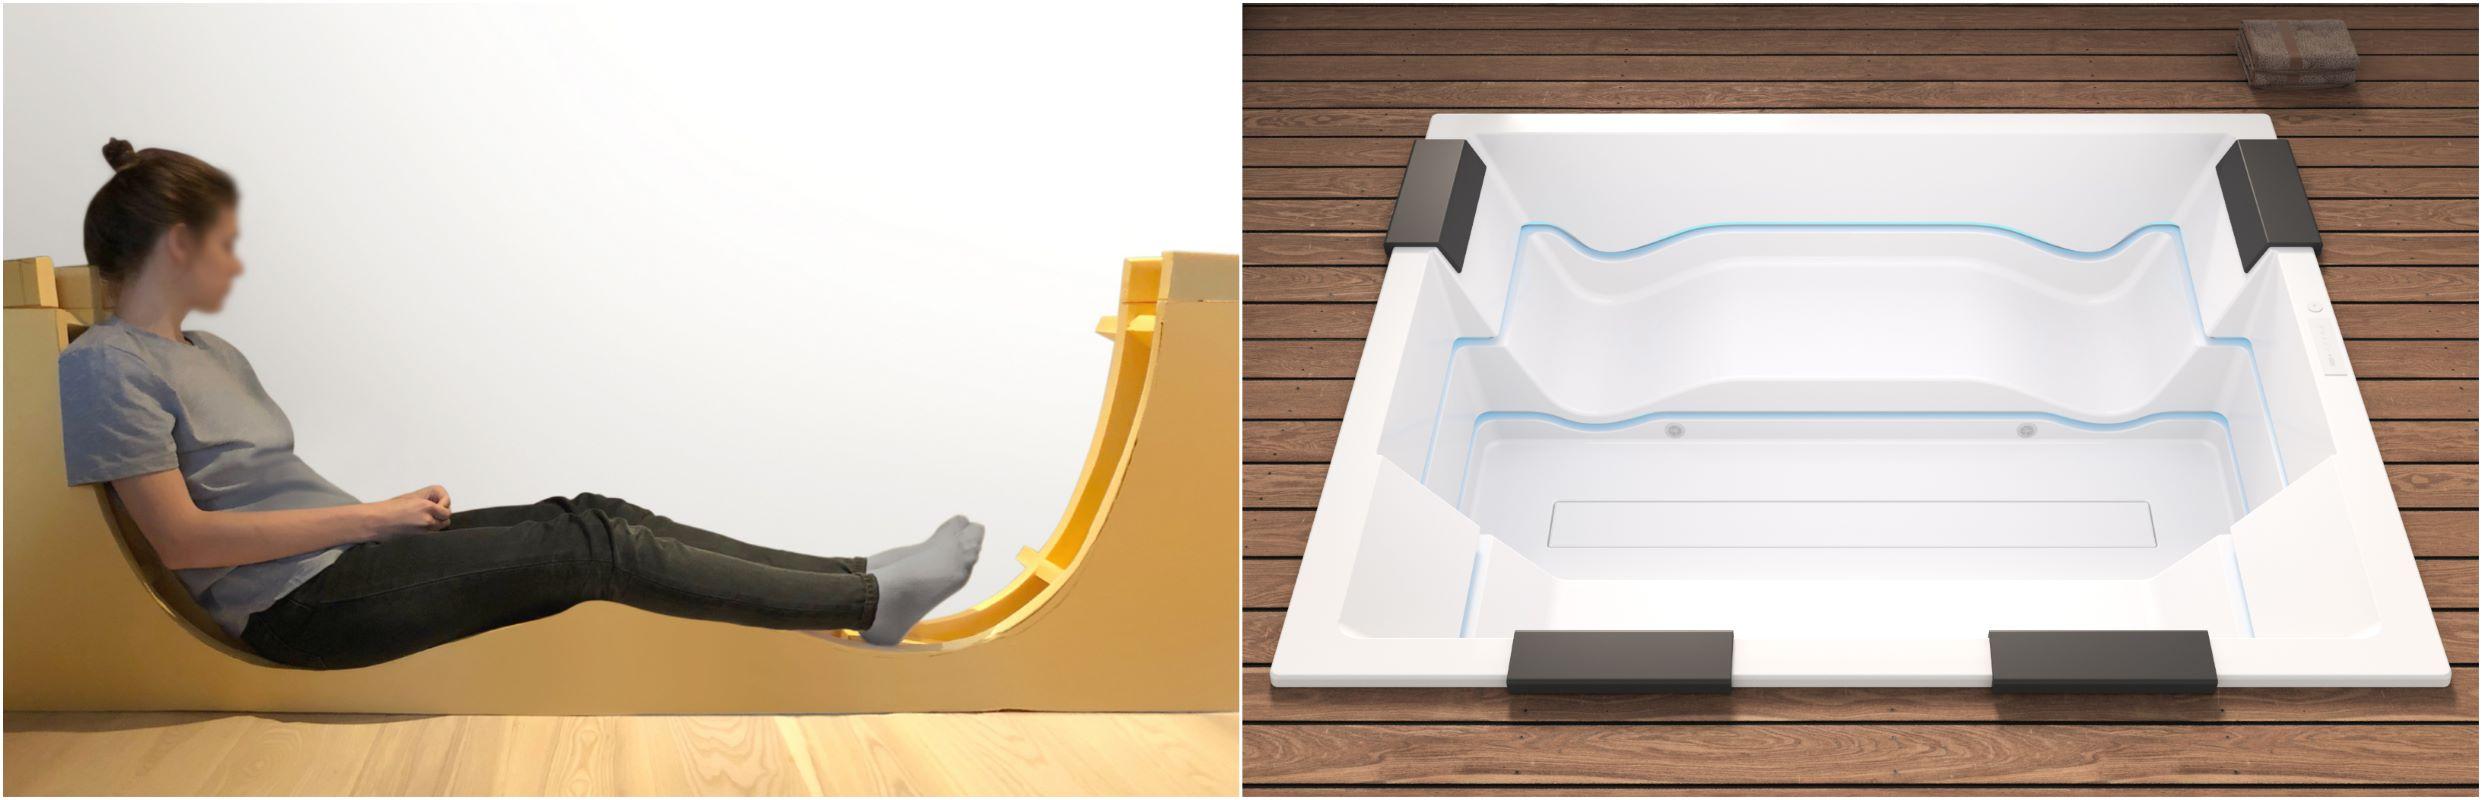 Ergonomicaly Designed Vibe Collage